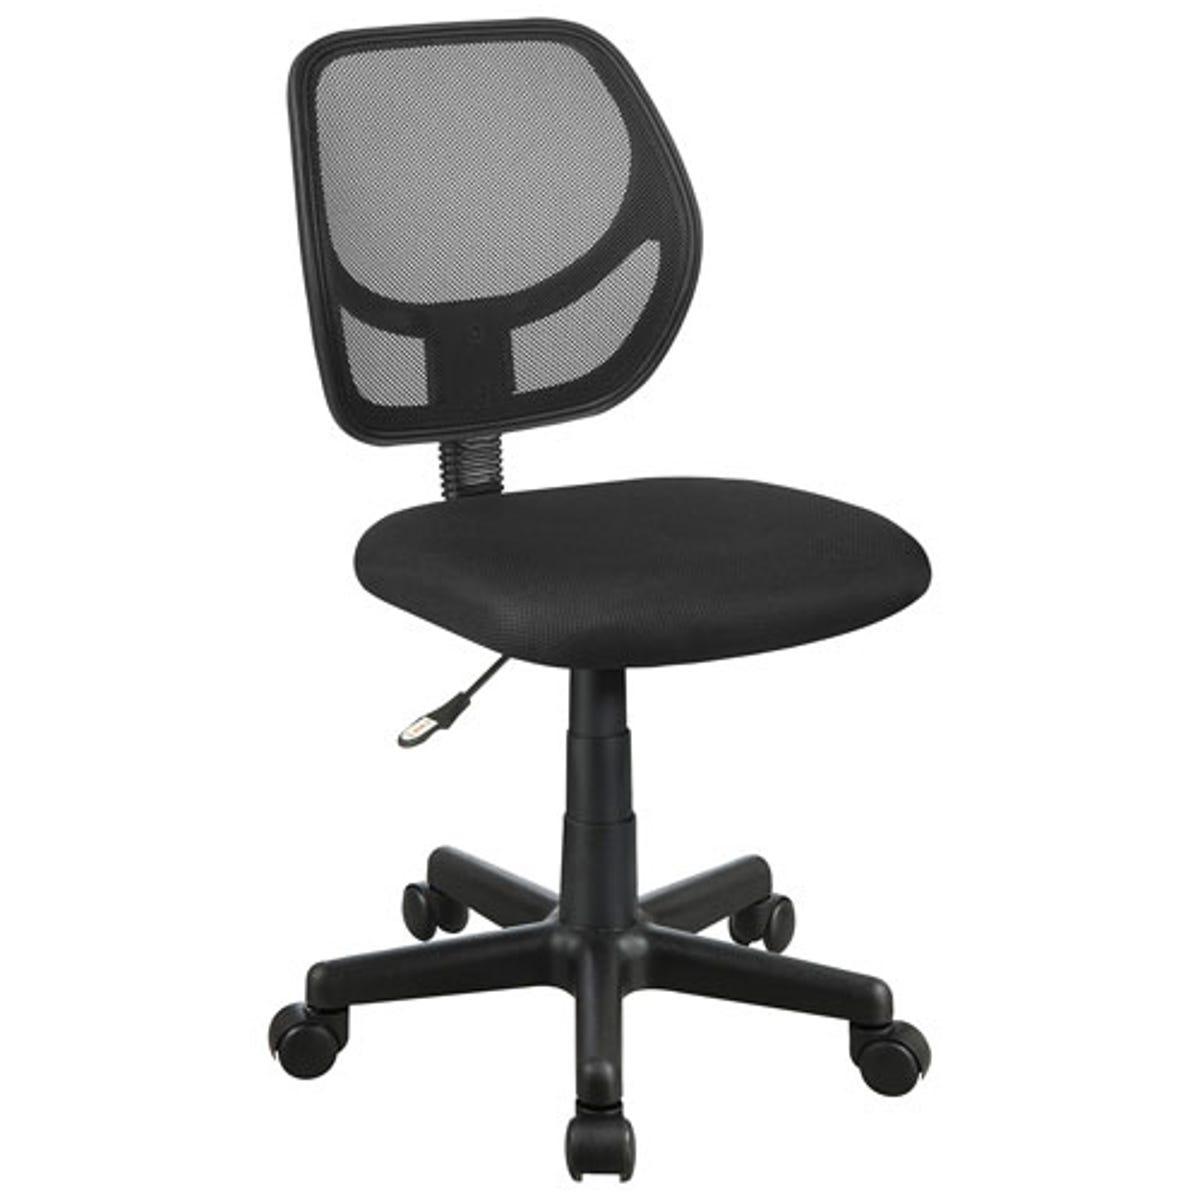 Stupendous Office Chairs Ergonomic Computer Desk More Best Buy Best Image Libraries Weasiibadanjobscom